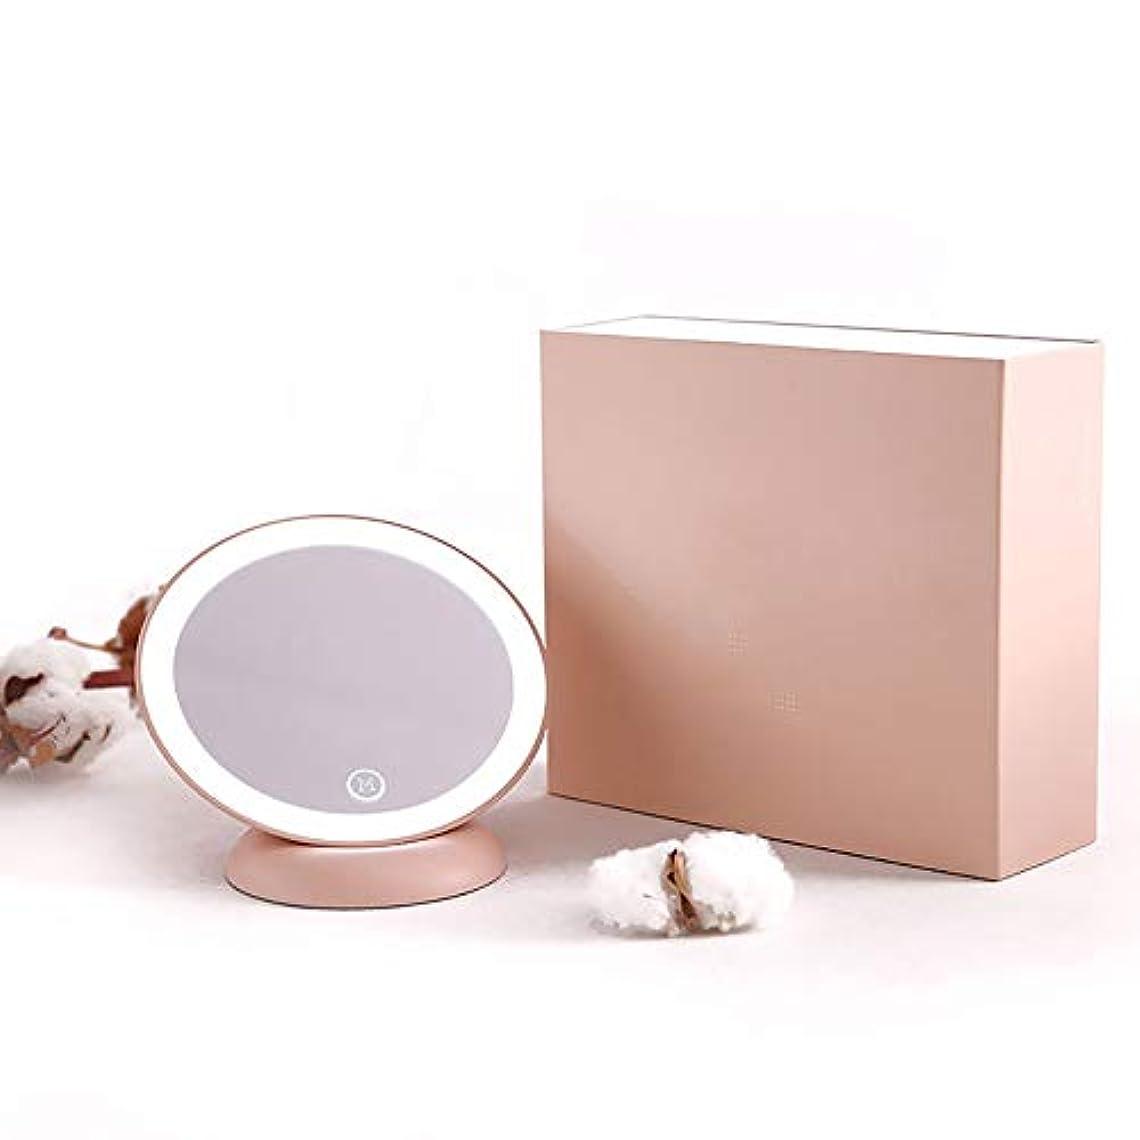 とても多くの毎週ホイスト流行の 磁石を運ぶ創造的なライト360度回転ピンク1200mAh化粧鏡